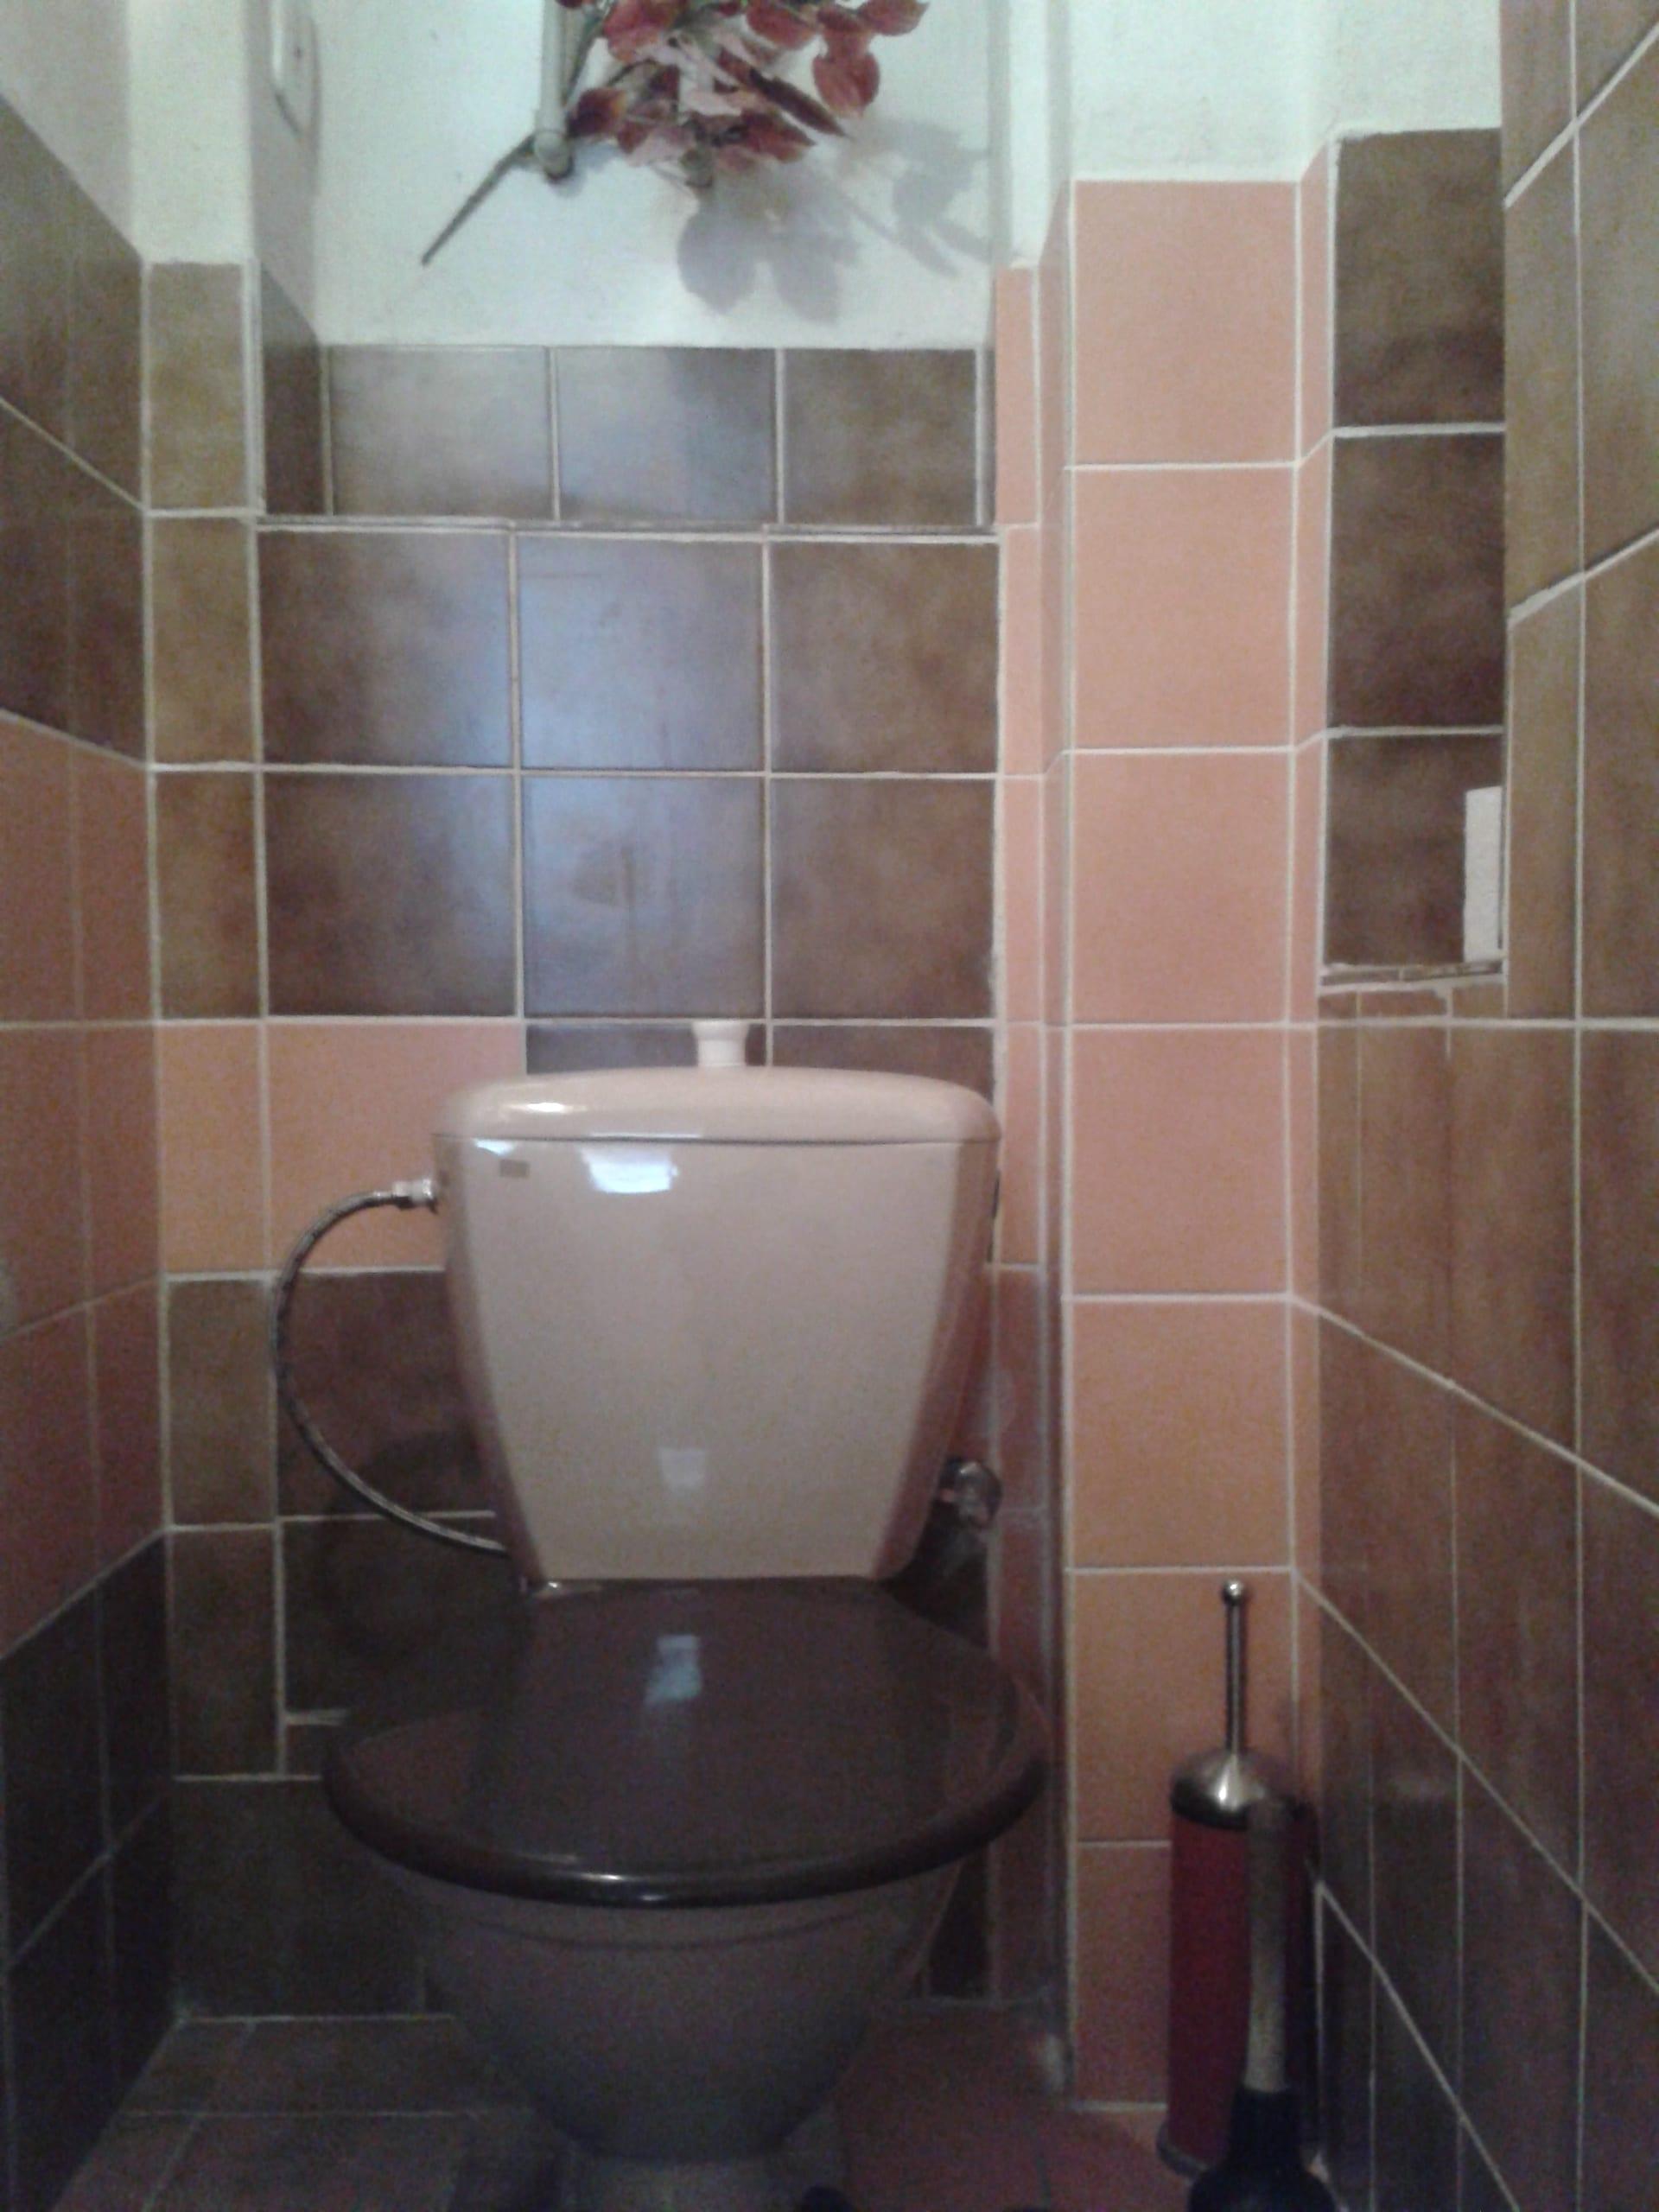 למכירה דירת 3+kk יפהפיה בפראג 1 העיר החדשה (35)